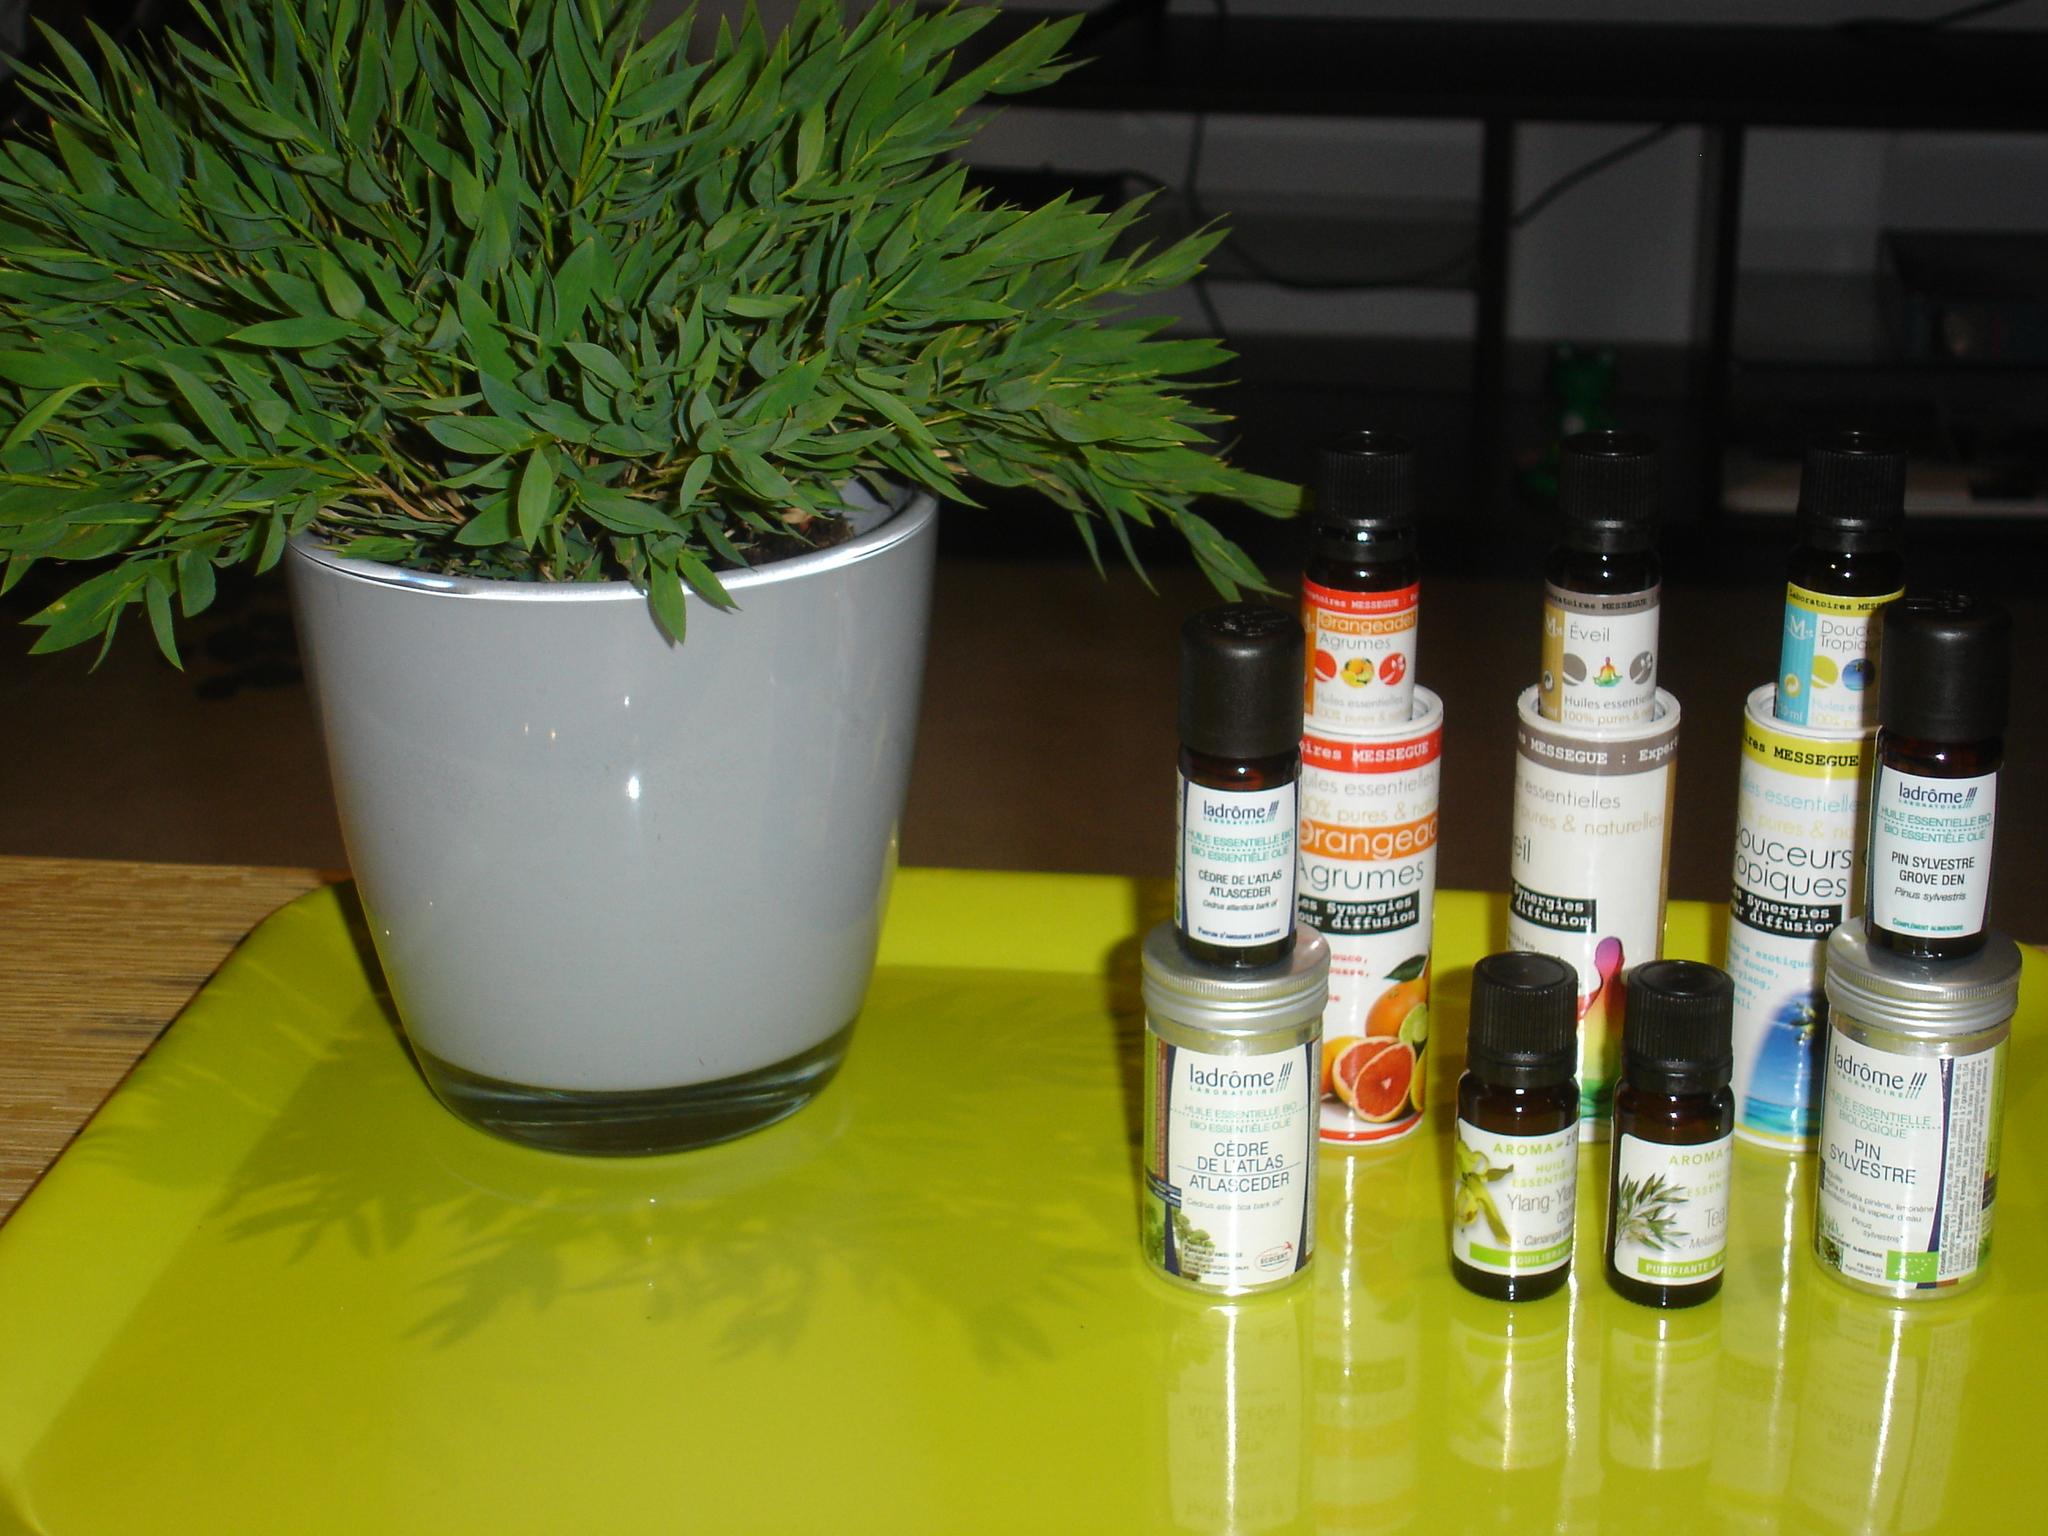 Huiles essentielles conseils pour diffuser les huiles essentielles dans la maison bien tre - Huiles essentielles a diffuser dans la maison ...